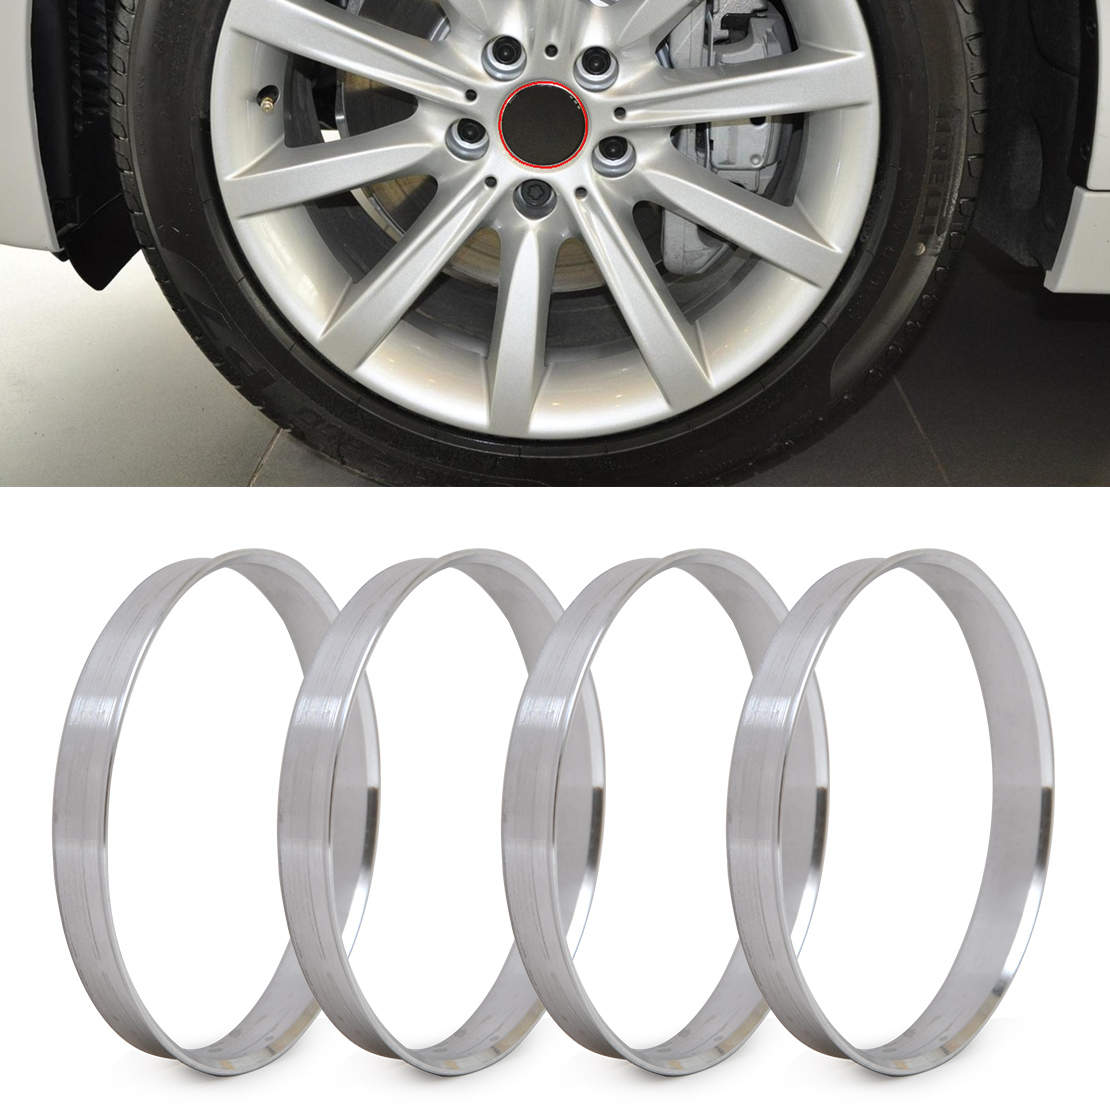 DWCX 4pcs Aluminum Hub Rings   72.6mm Hub To 74.1mm Wheel Bore   ID 72.56   OD 74 For BMW 1 3 4 5 7 Series X1, X3, X4, X5, X6